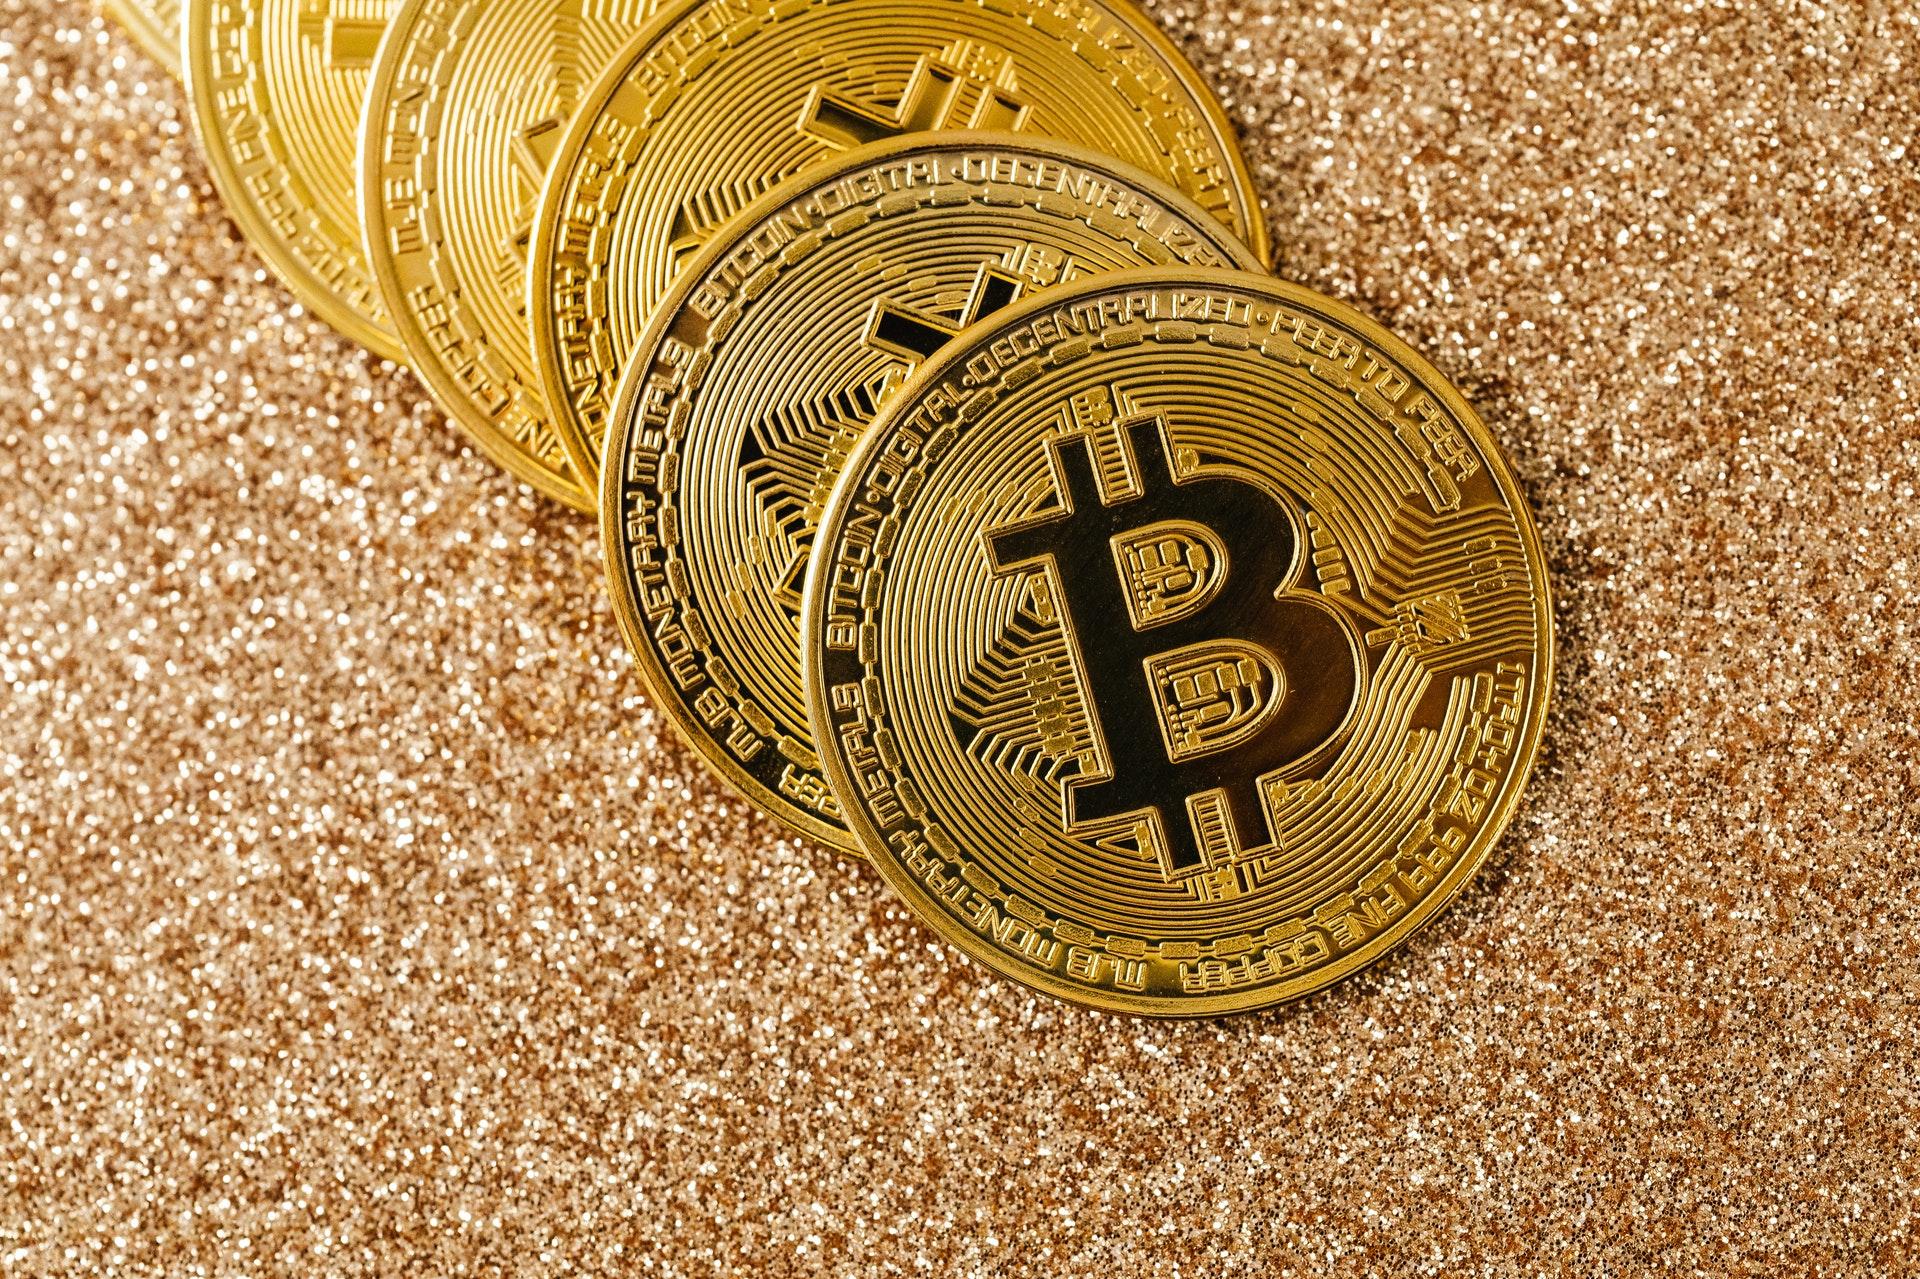 Leer meer over de valutamarkt met behulp van gratis marktonderzoek